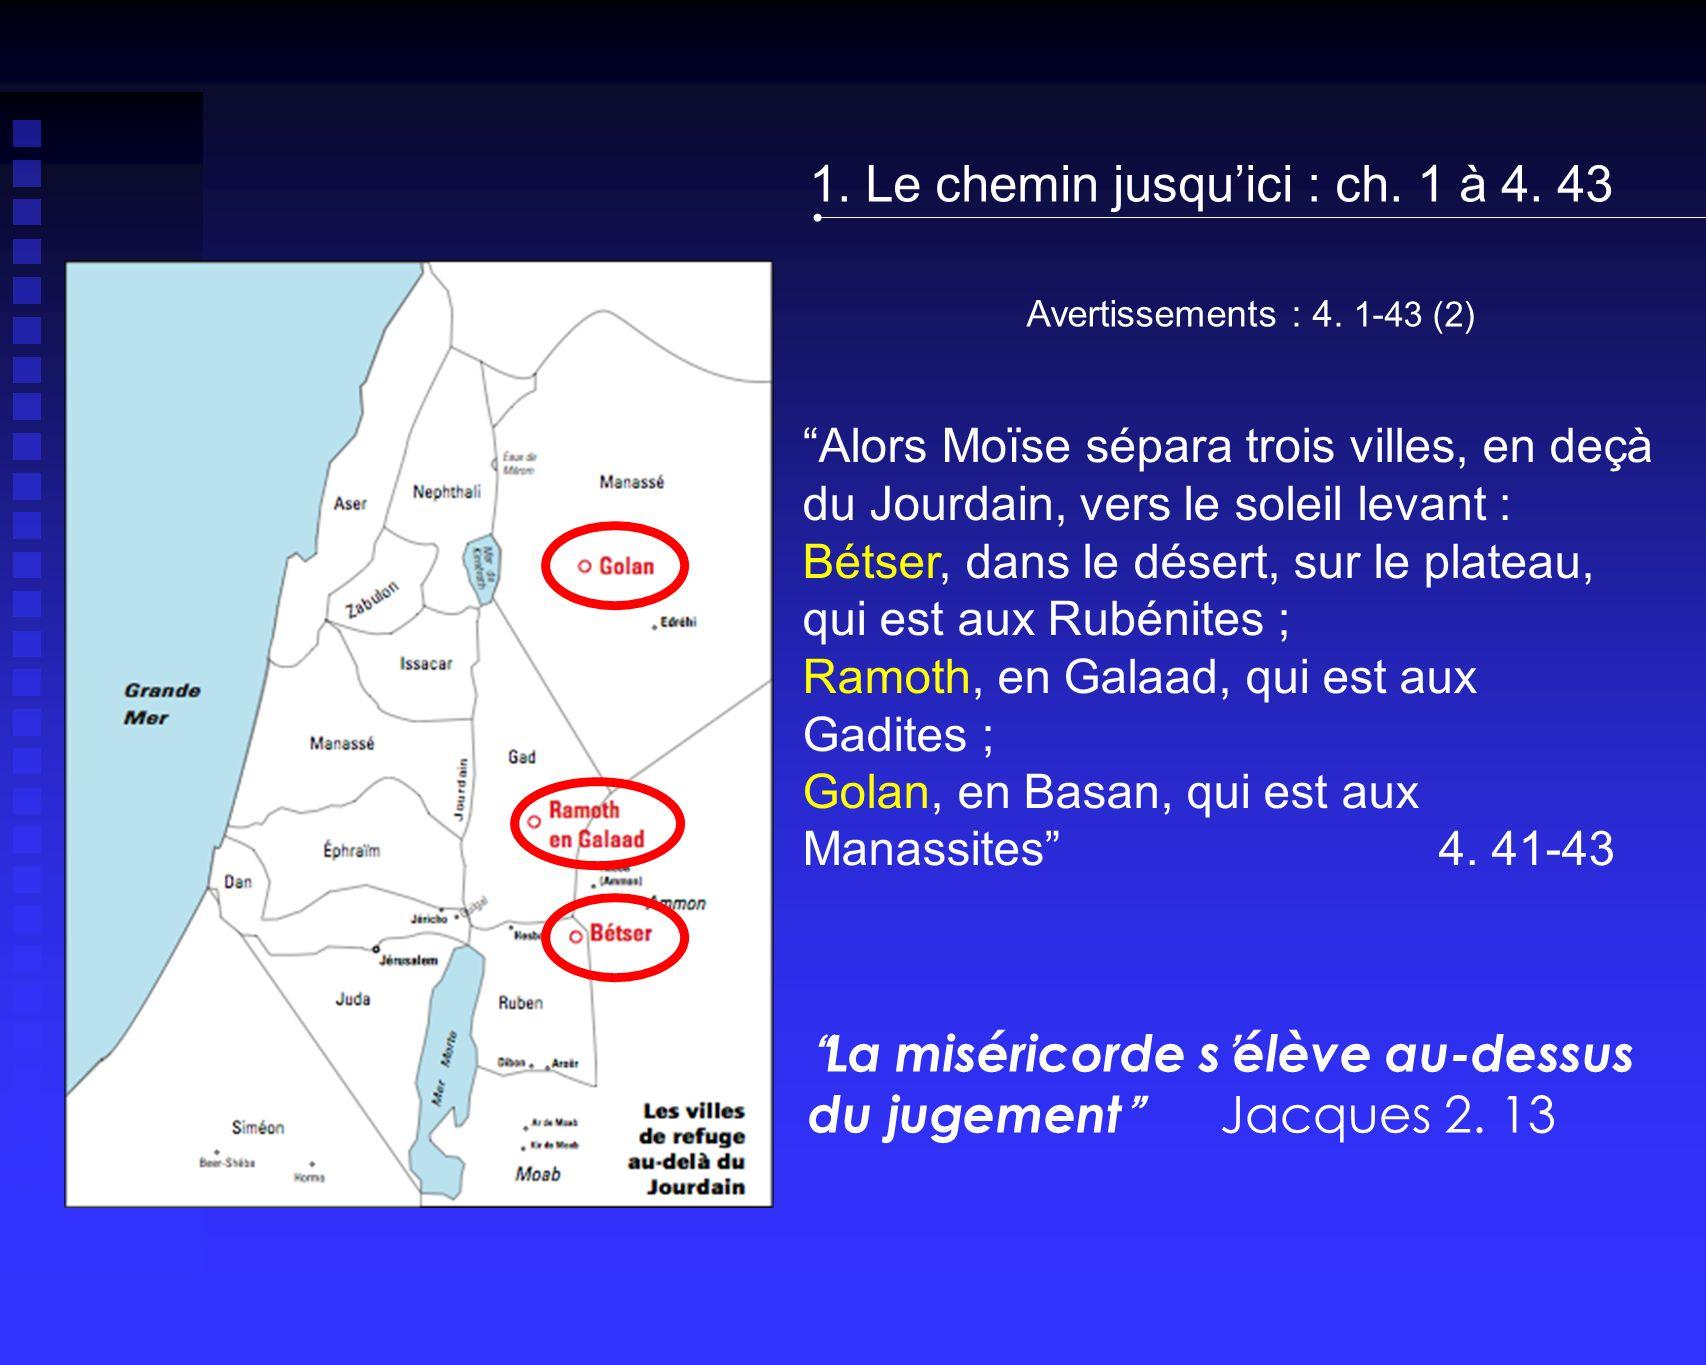 Avertissements : 4. 1-43 (2) 1. Le chemin jusquici : ch. 1 à 4. 43 Alors Moïse sépara trois villes, en deçà du Jourdain, vers le soleil levant : Bétse